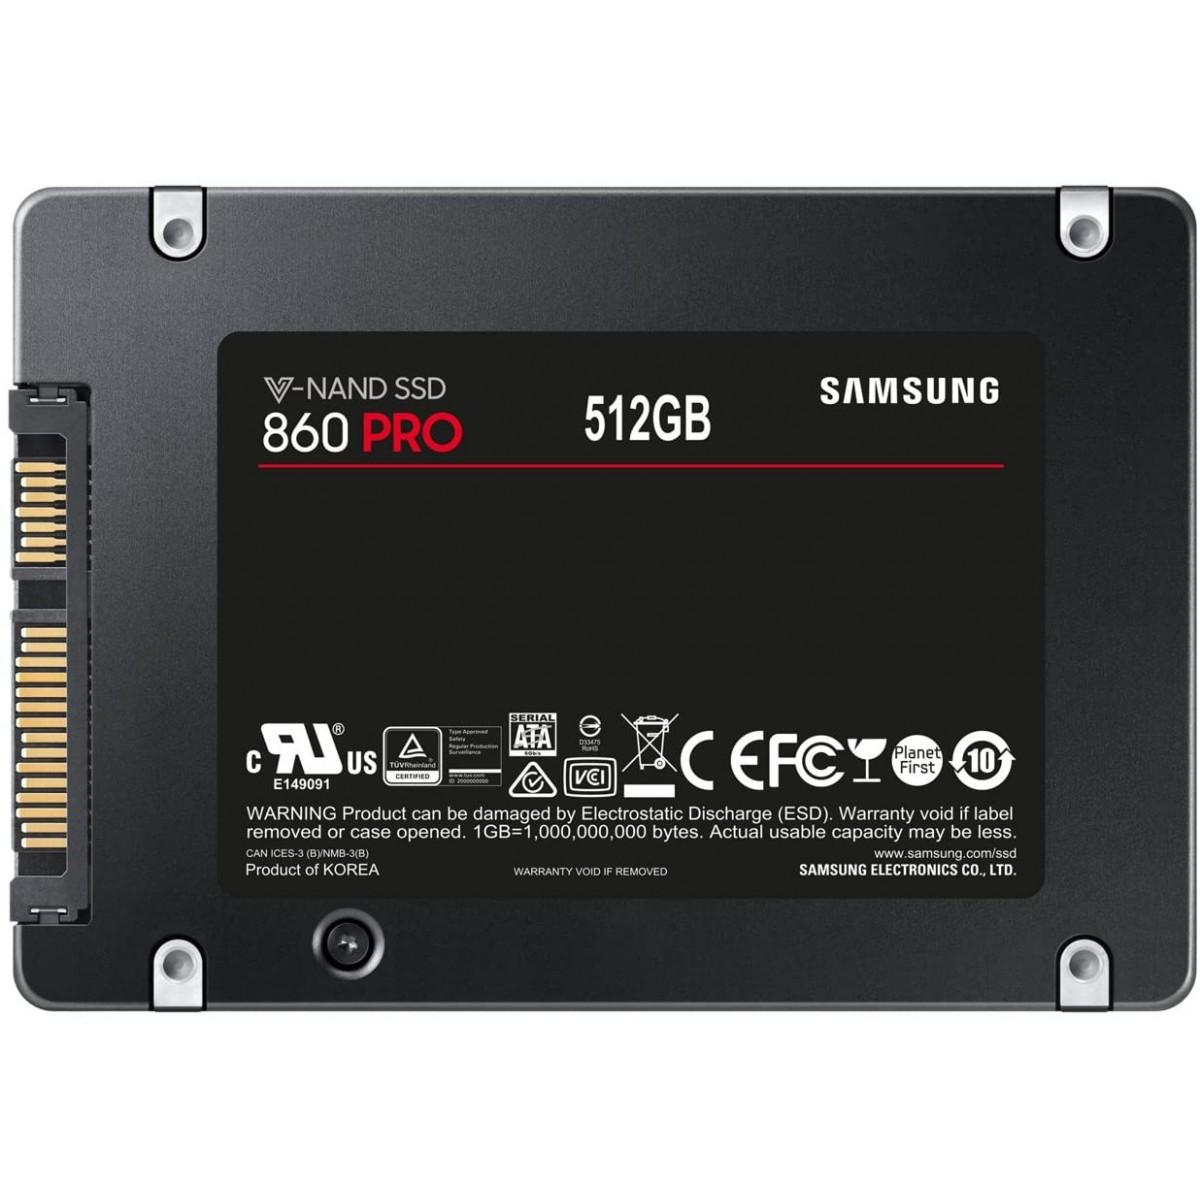 SSD Ssamsung 860 PRO, 512GB, Sata III, MZ-76P512E